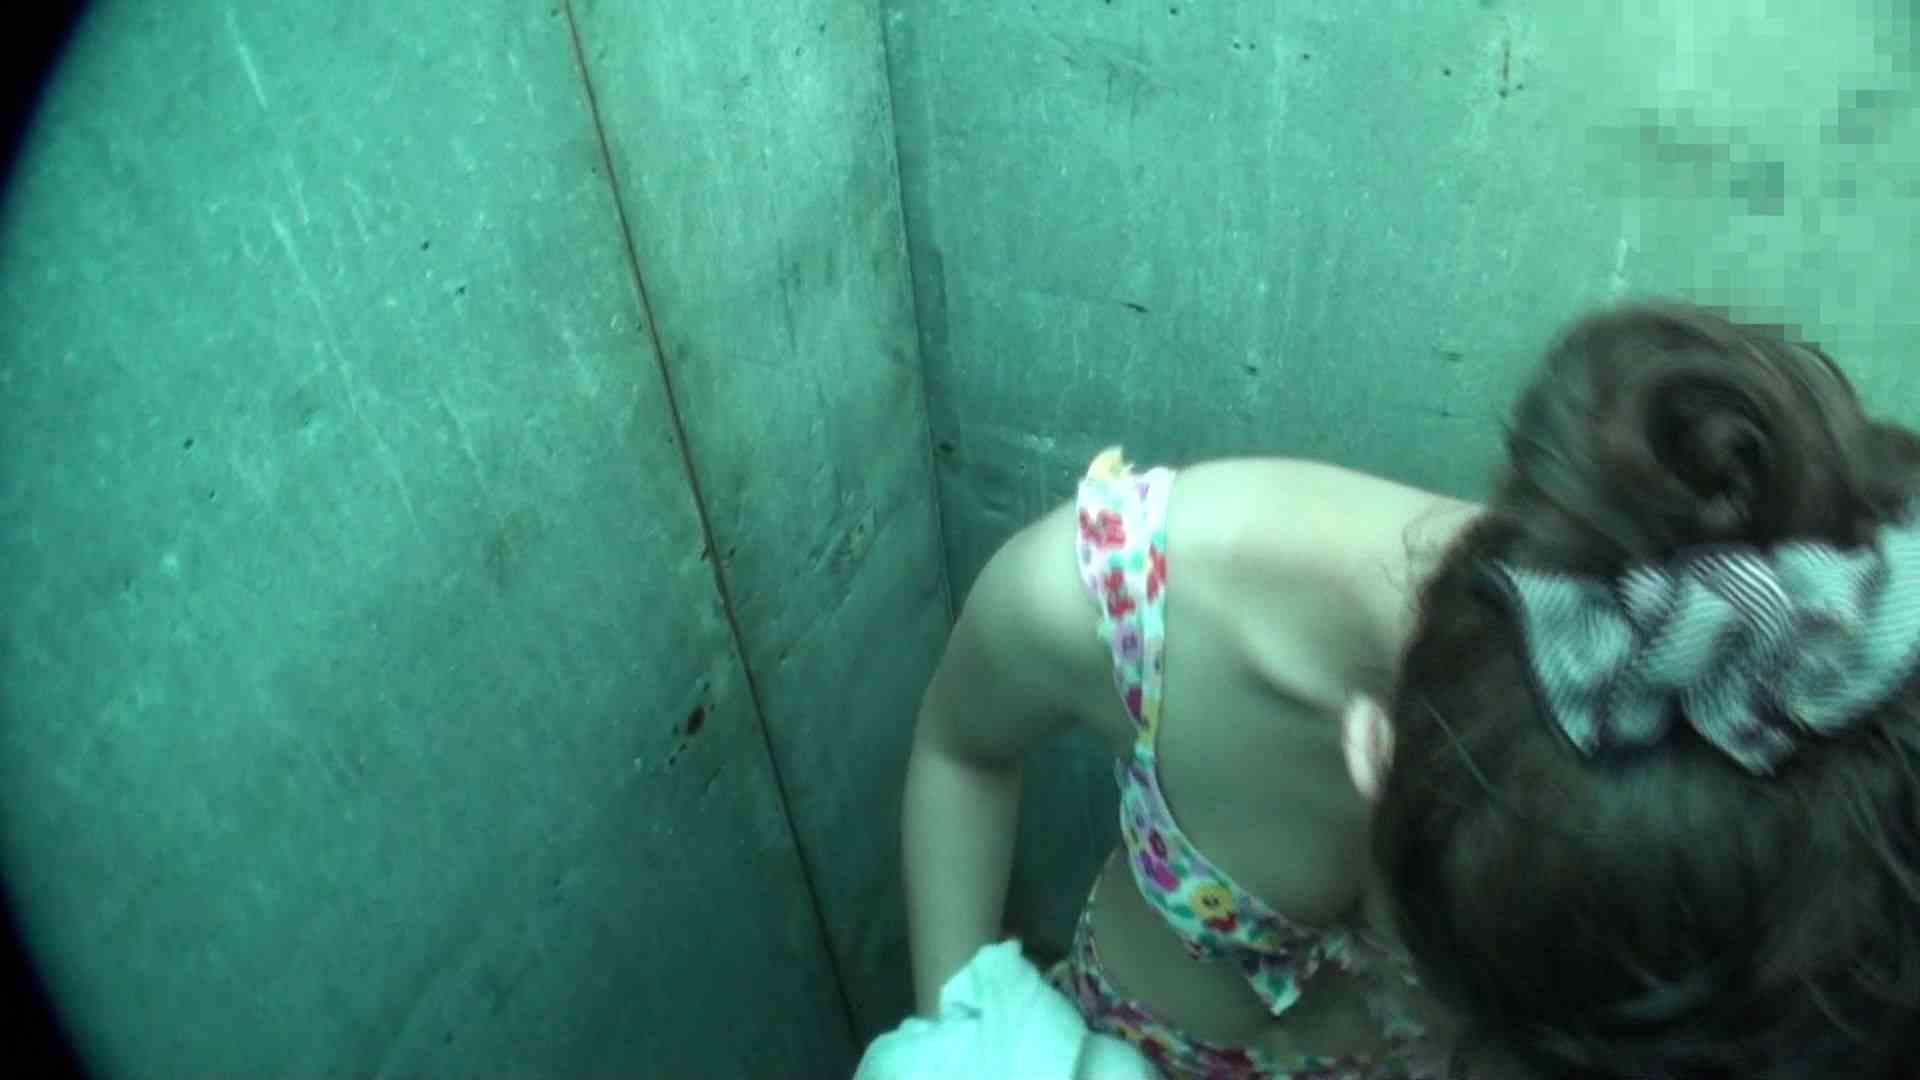 シャワールームは超!!危険な香りVol.6 超至近距離から彼女を凝視!! OL  102枚 25